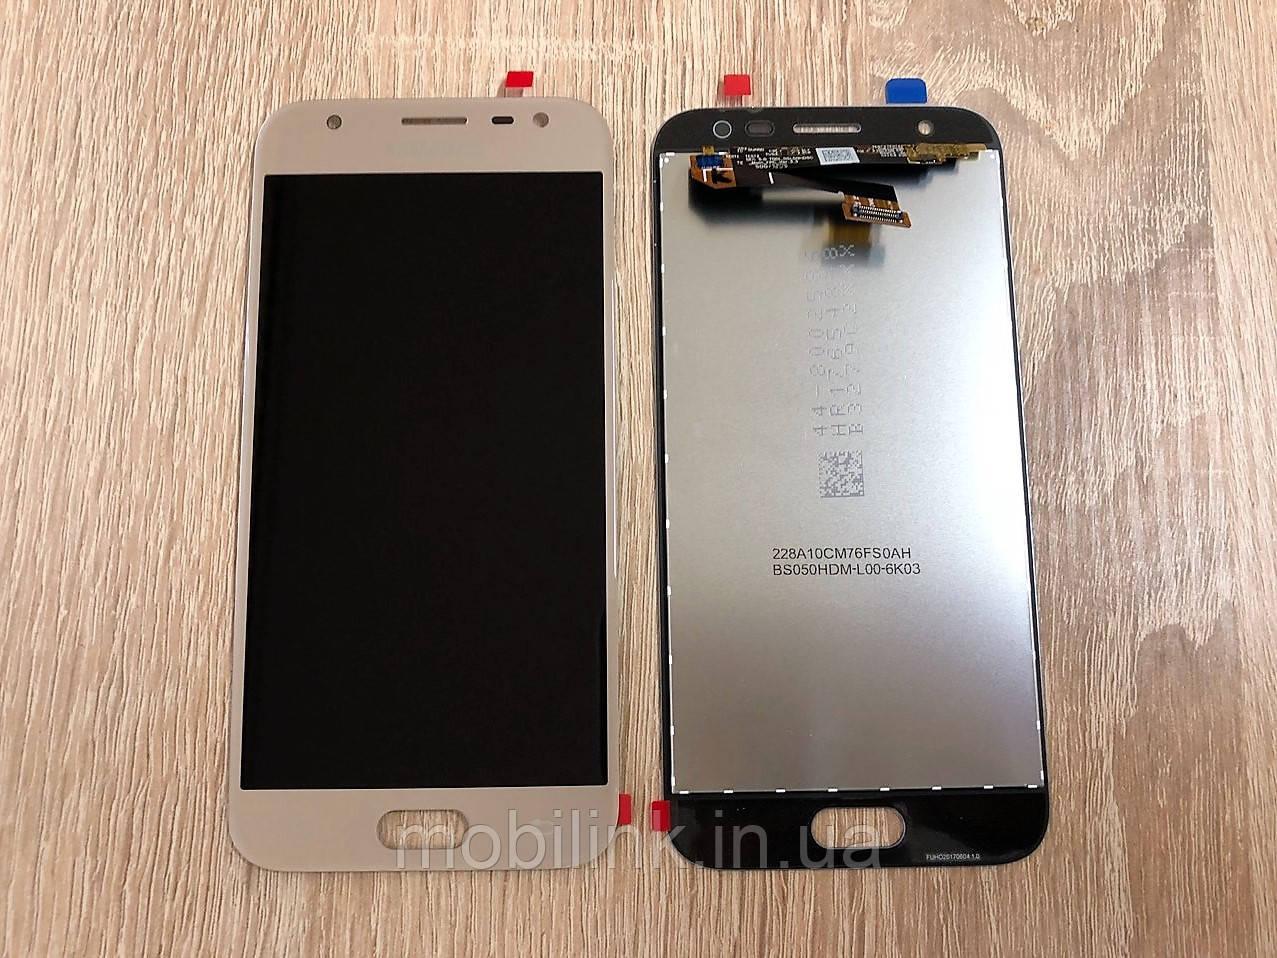 Дисплей на Samsung J330 Galaxy J3(2017) Золото(Gold),GH96-10990A,оригинал!